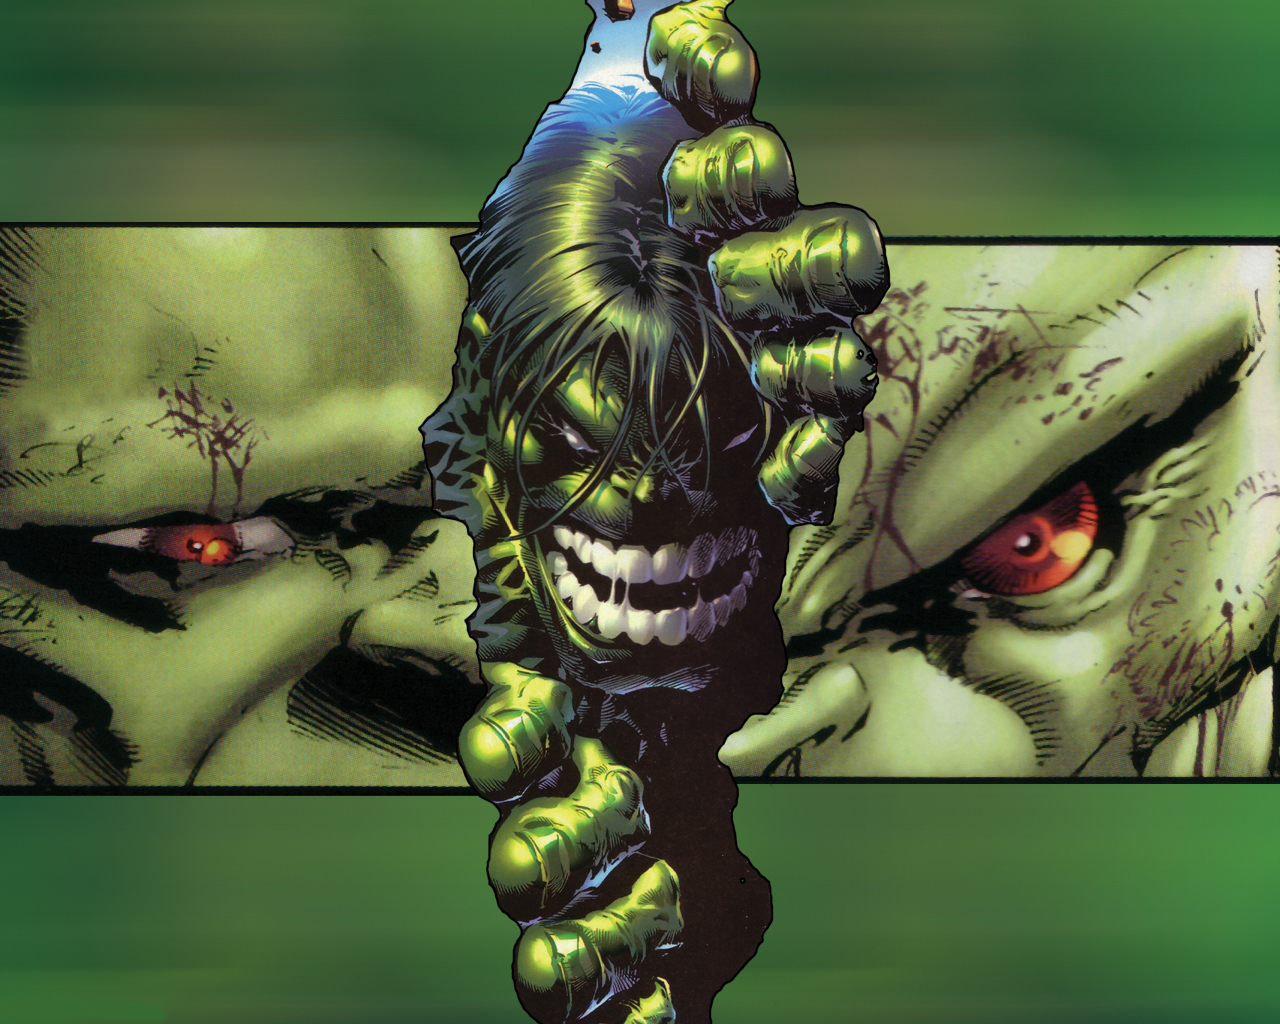 groene hulk wallpaper strip figuur van de hulk wallpaper hulk 1280x1024